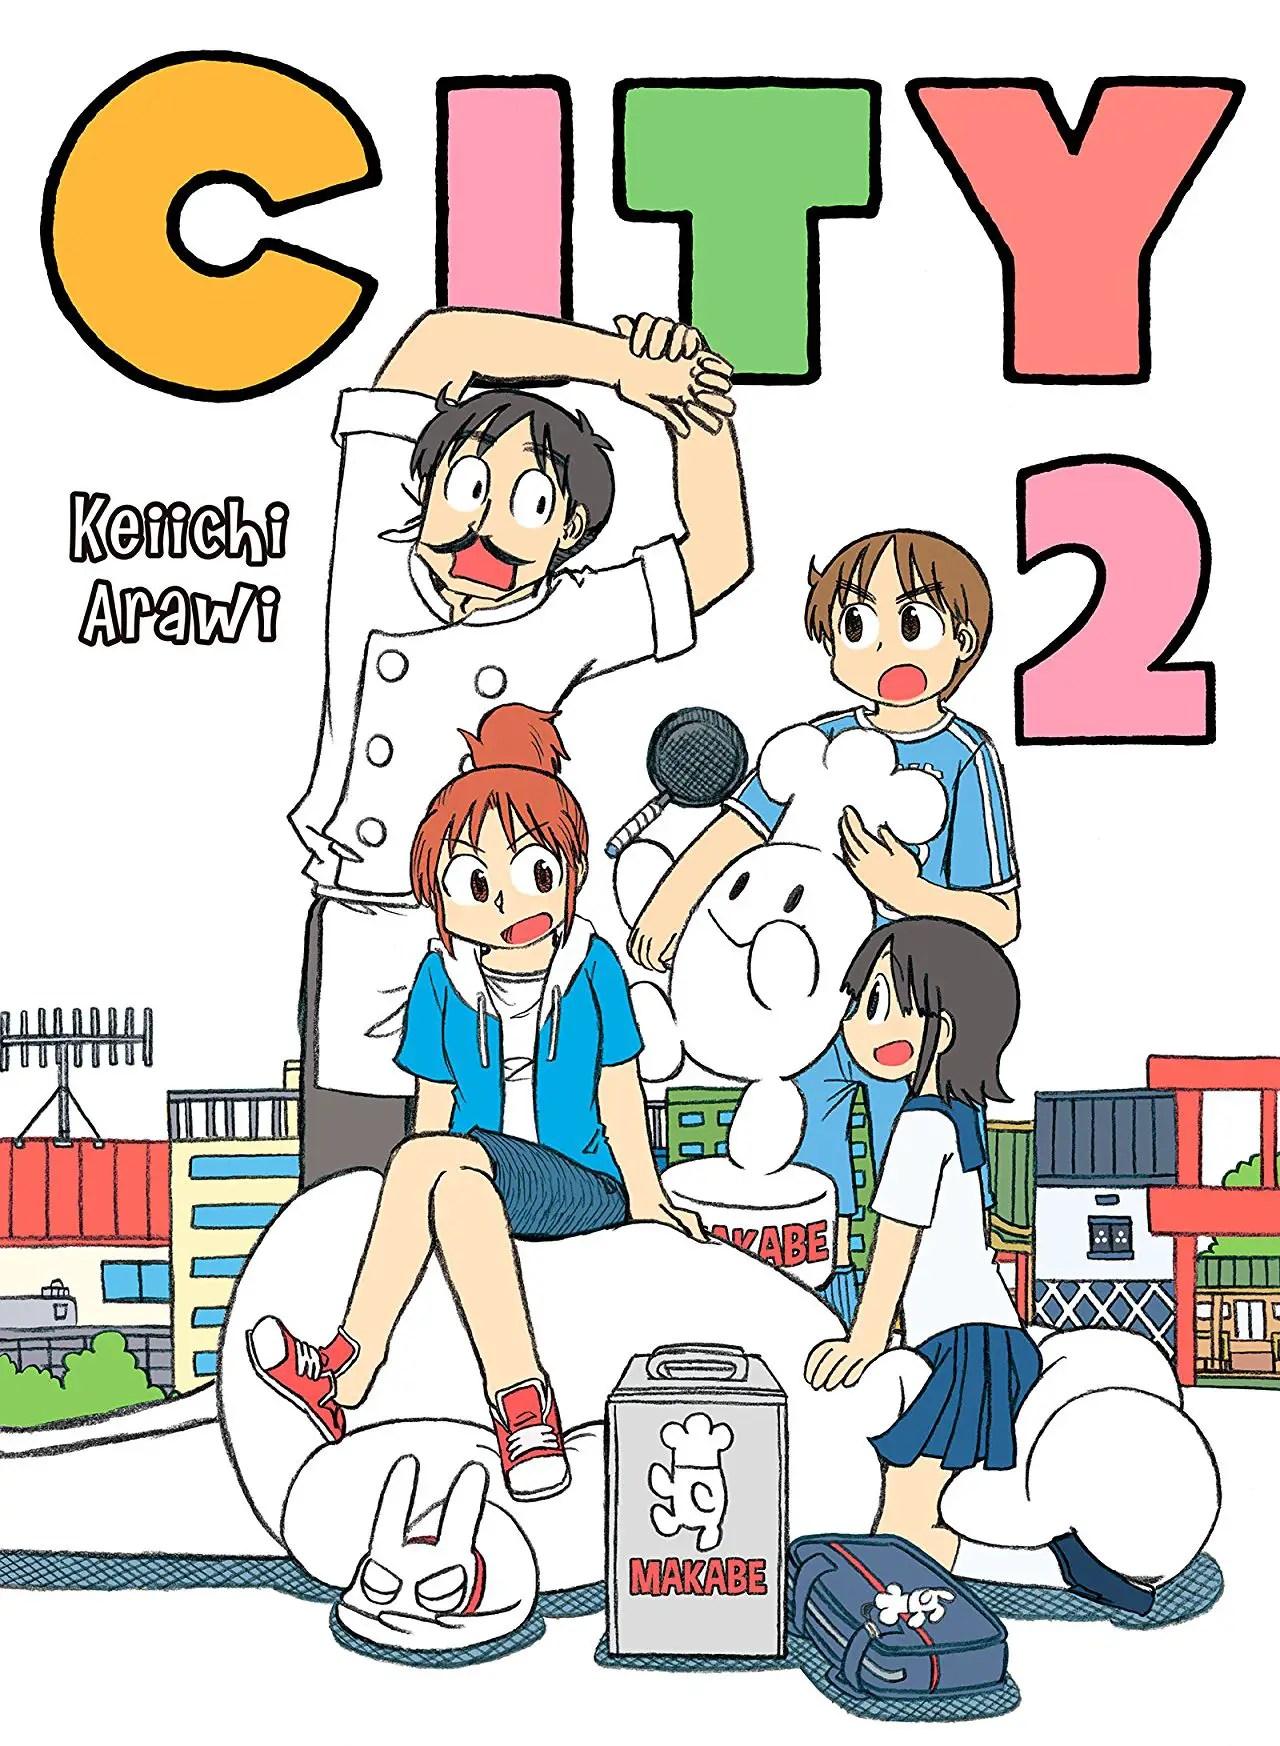 City Vol. 2 Review